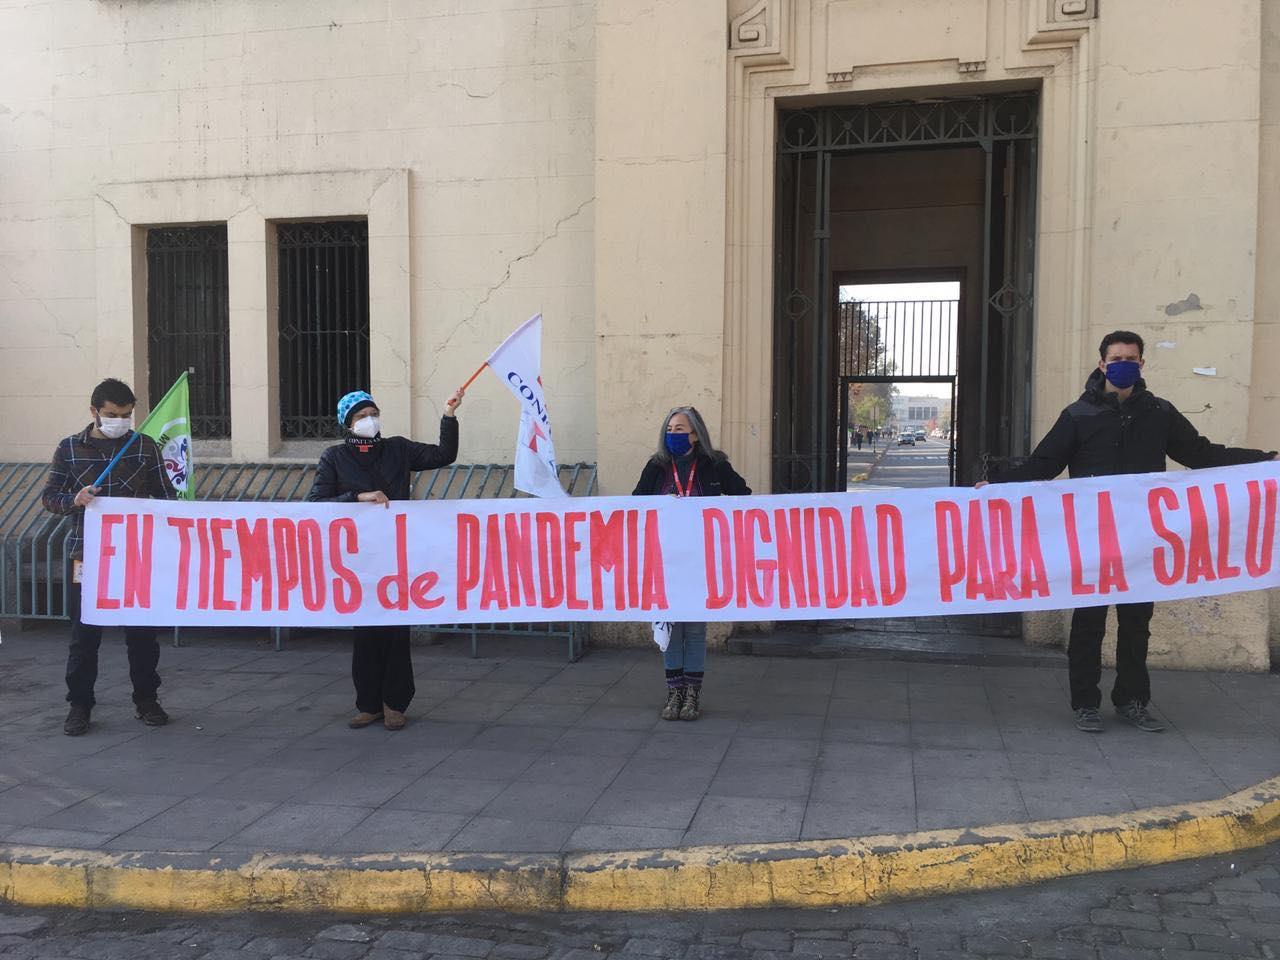 Manifestación a las afueras del Hospital Barros Luco Foto: Federpus Metropolitana